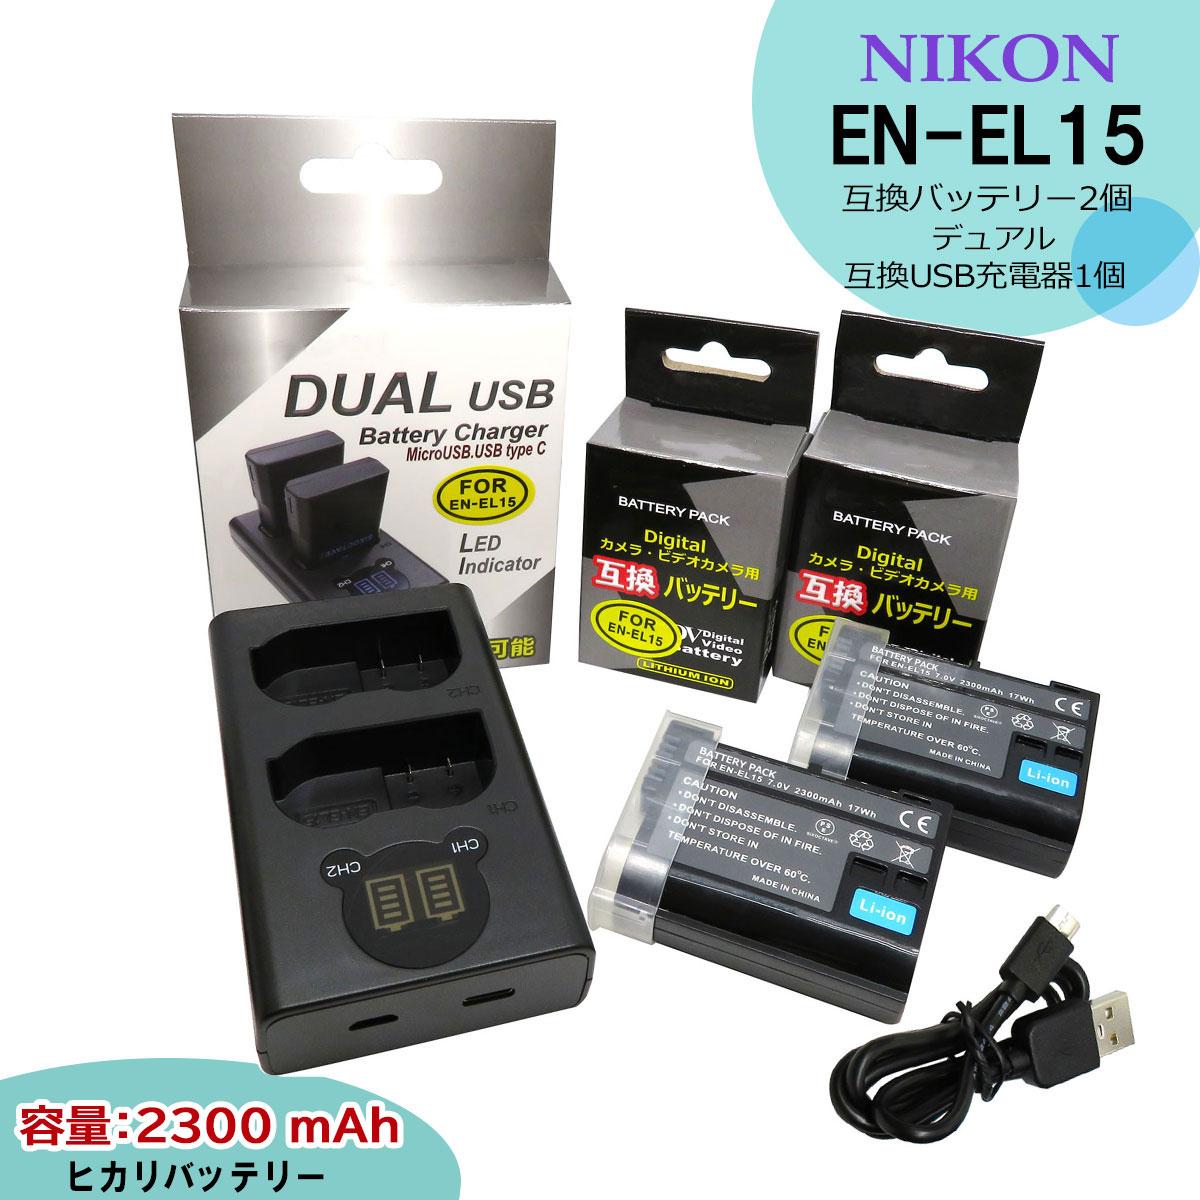 デジタルカメラ用アクセサリー, バッテリーパック Nikon EN-EL15 2 USB 3 D500 D600 D610 D750 D800 D800E D810 D810A D850 Z6 Z7 D7000 D7100 D7200 D7500 1 V1